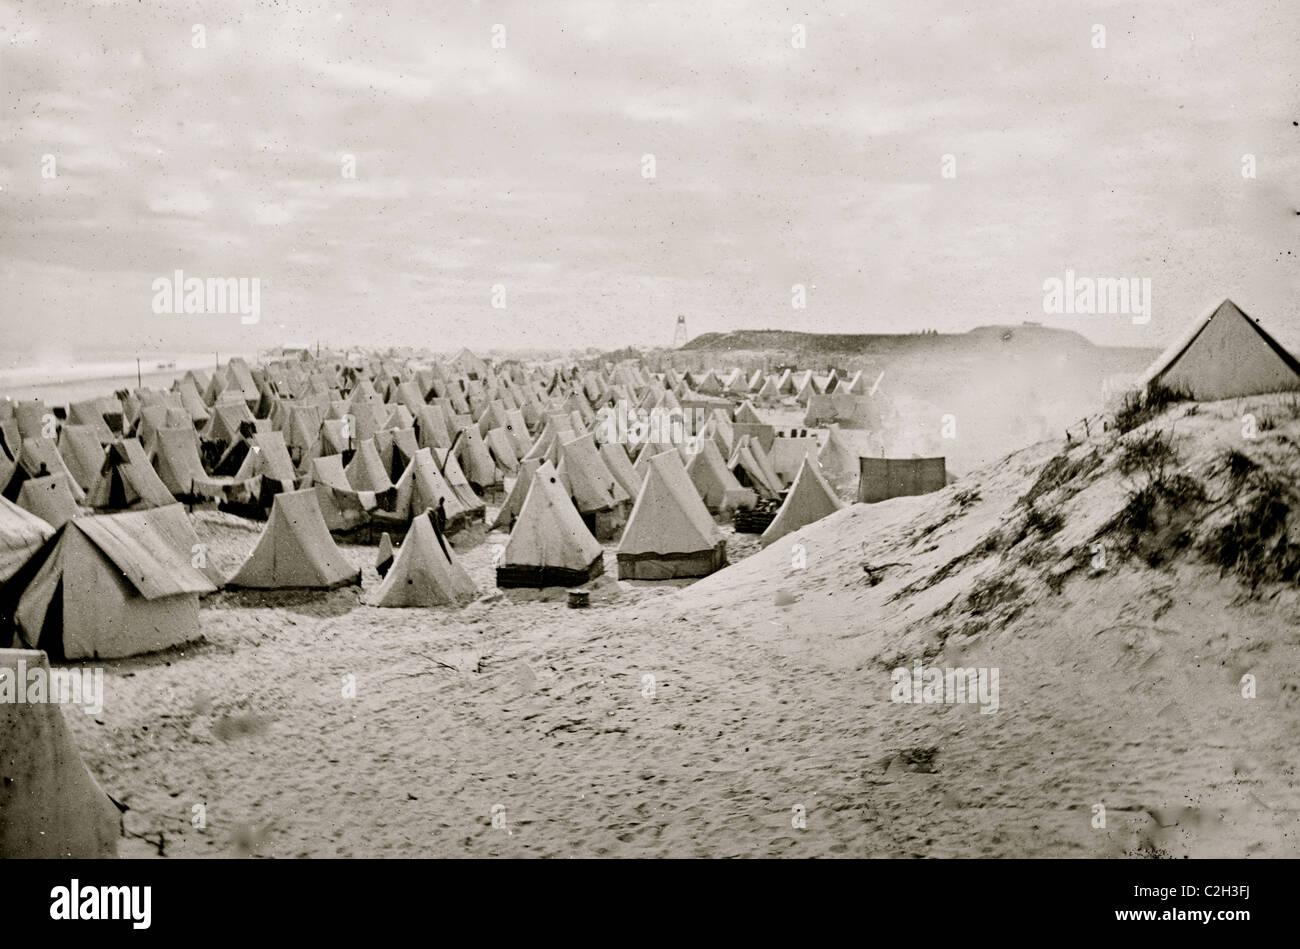 Camp federale sulla spiaggia Immagini Stock